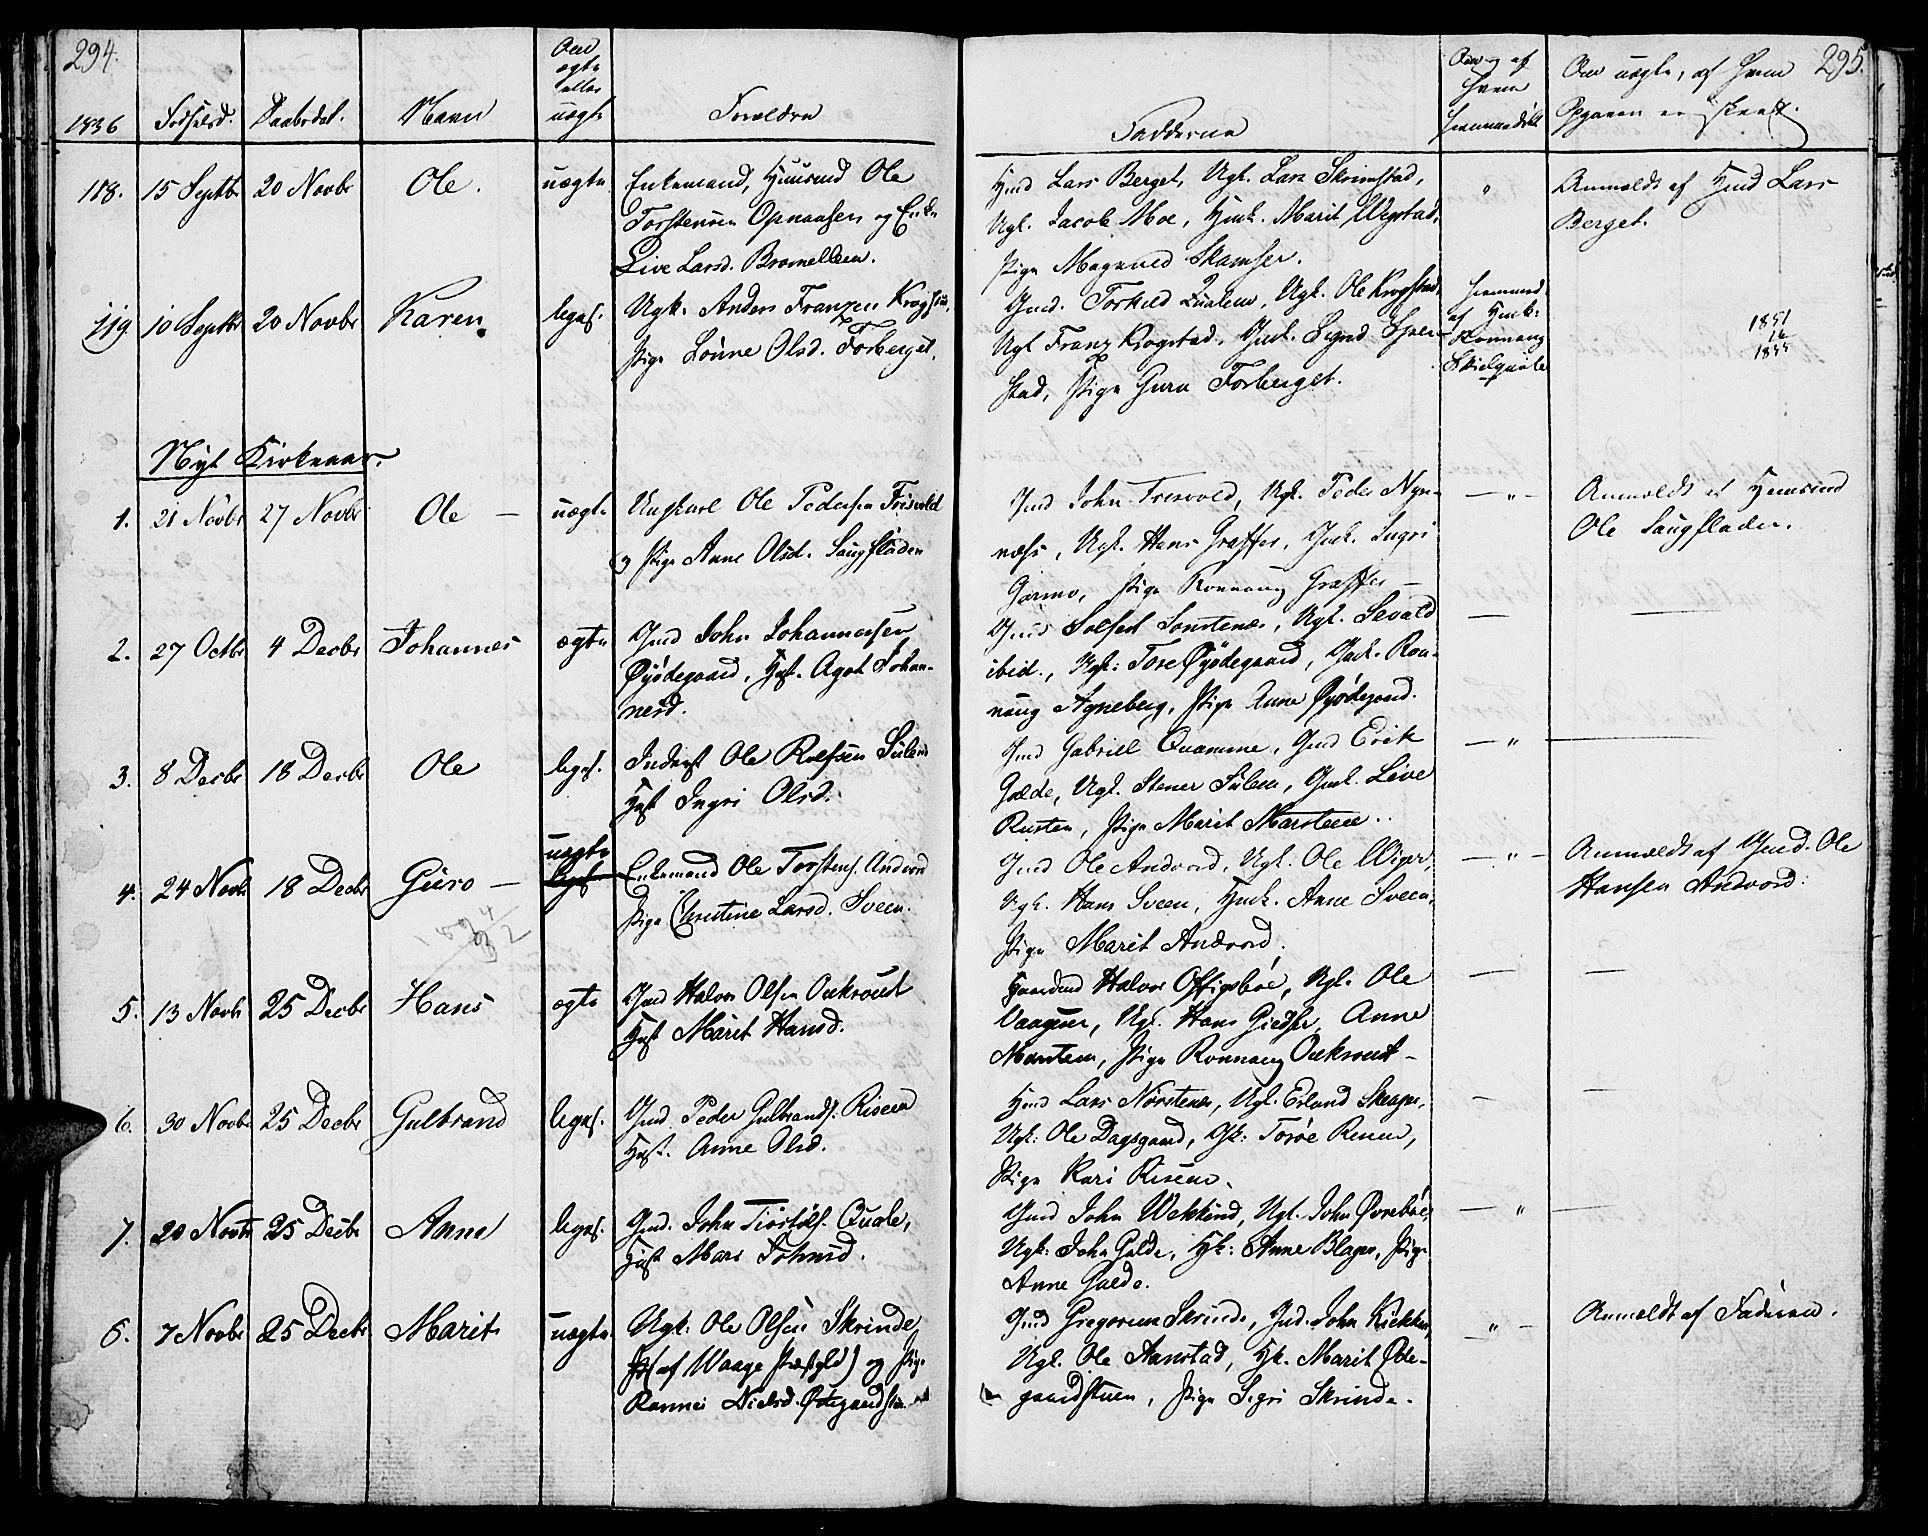 SAH, Lom prestekontor, K/L0005: Ministerialbok nr. 5, 1825-1837, s. 294-295